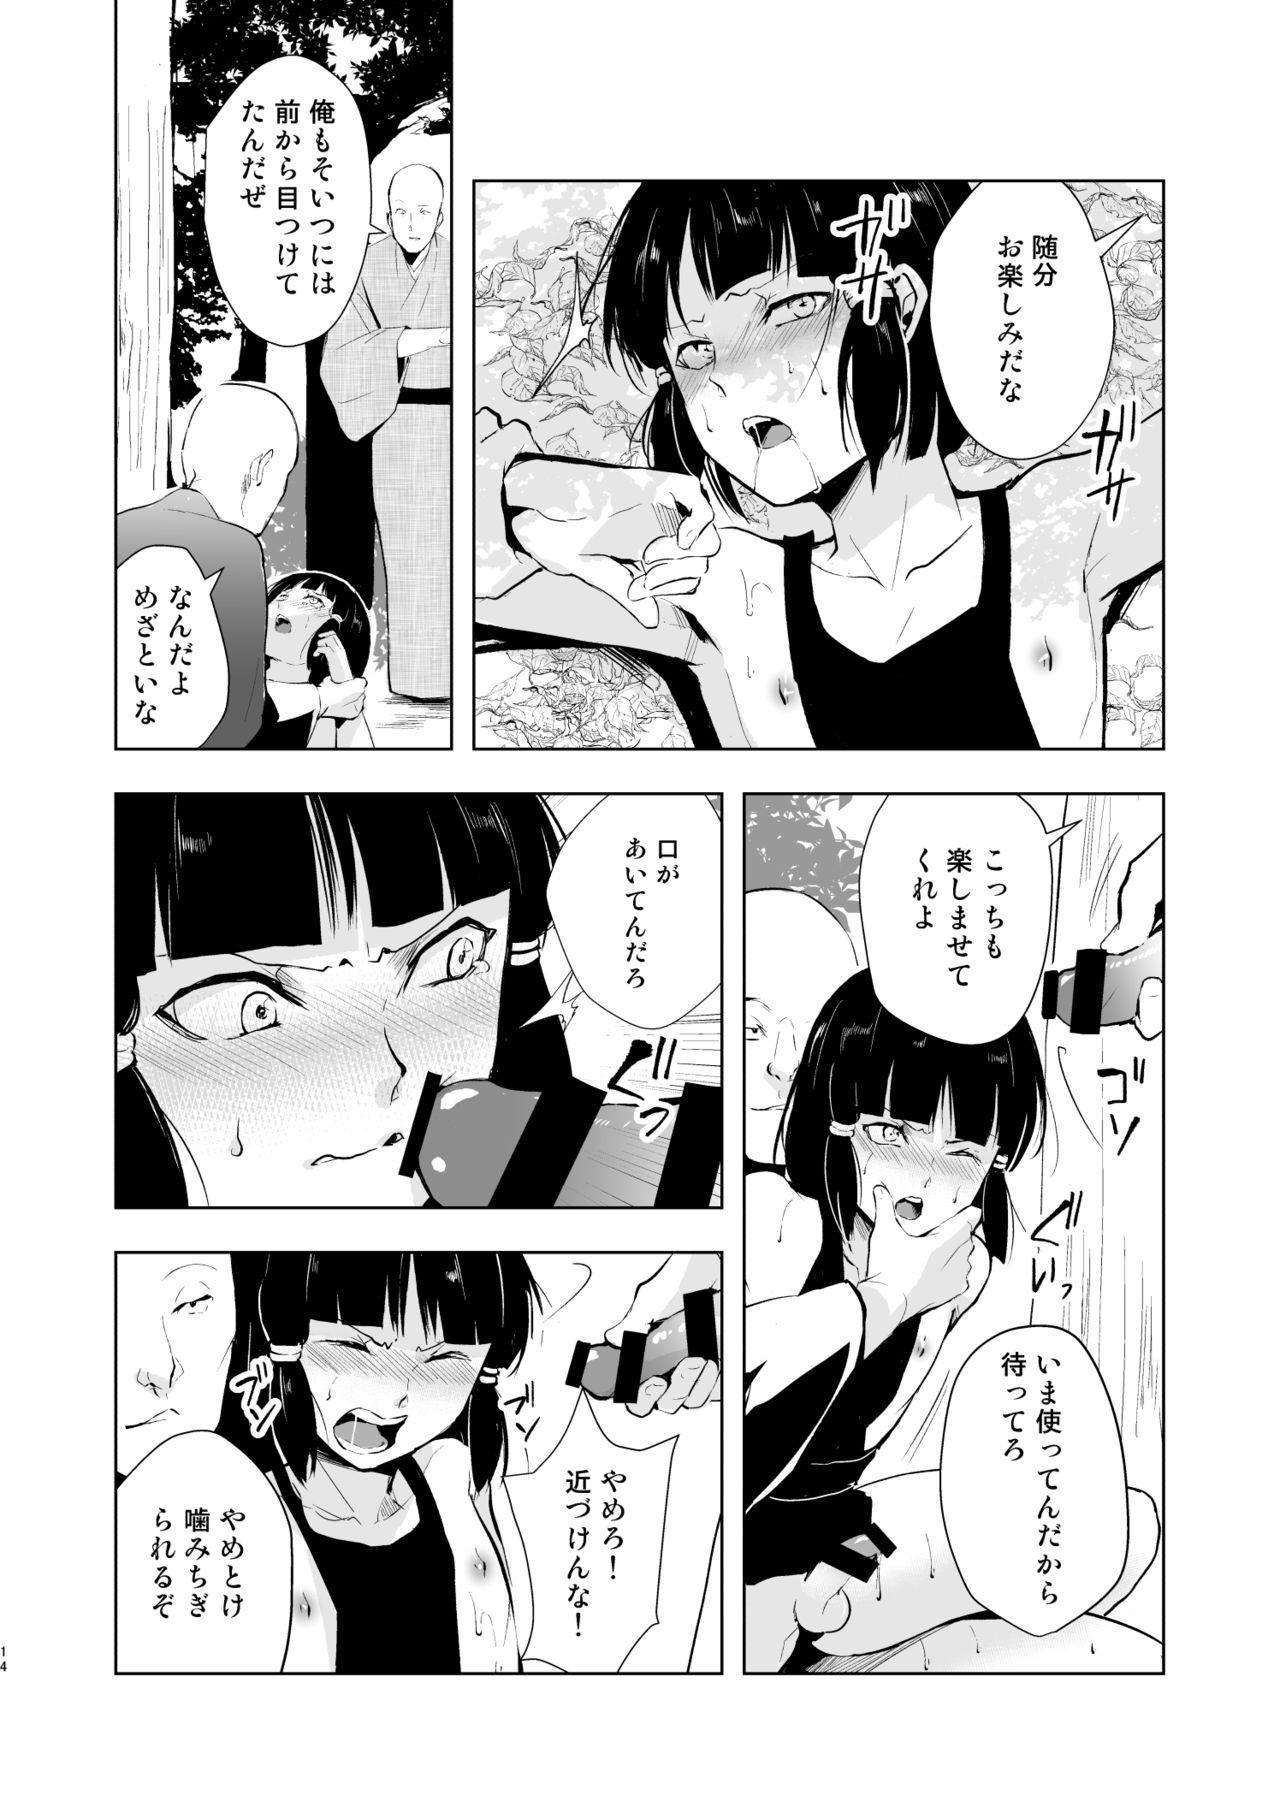 Umugairou Sairokubon 2 14